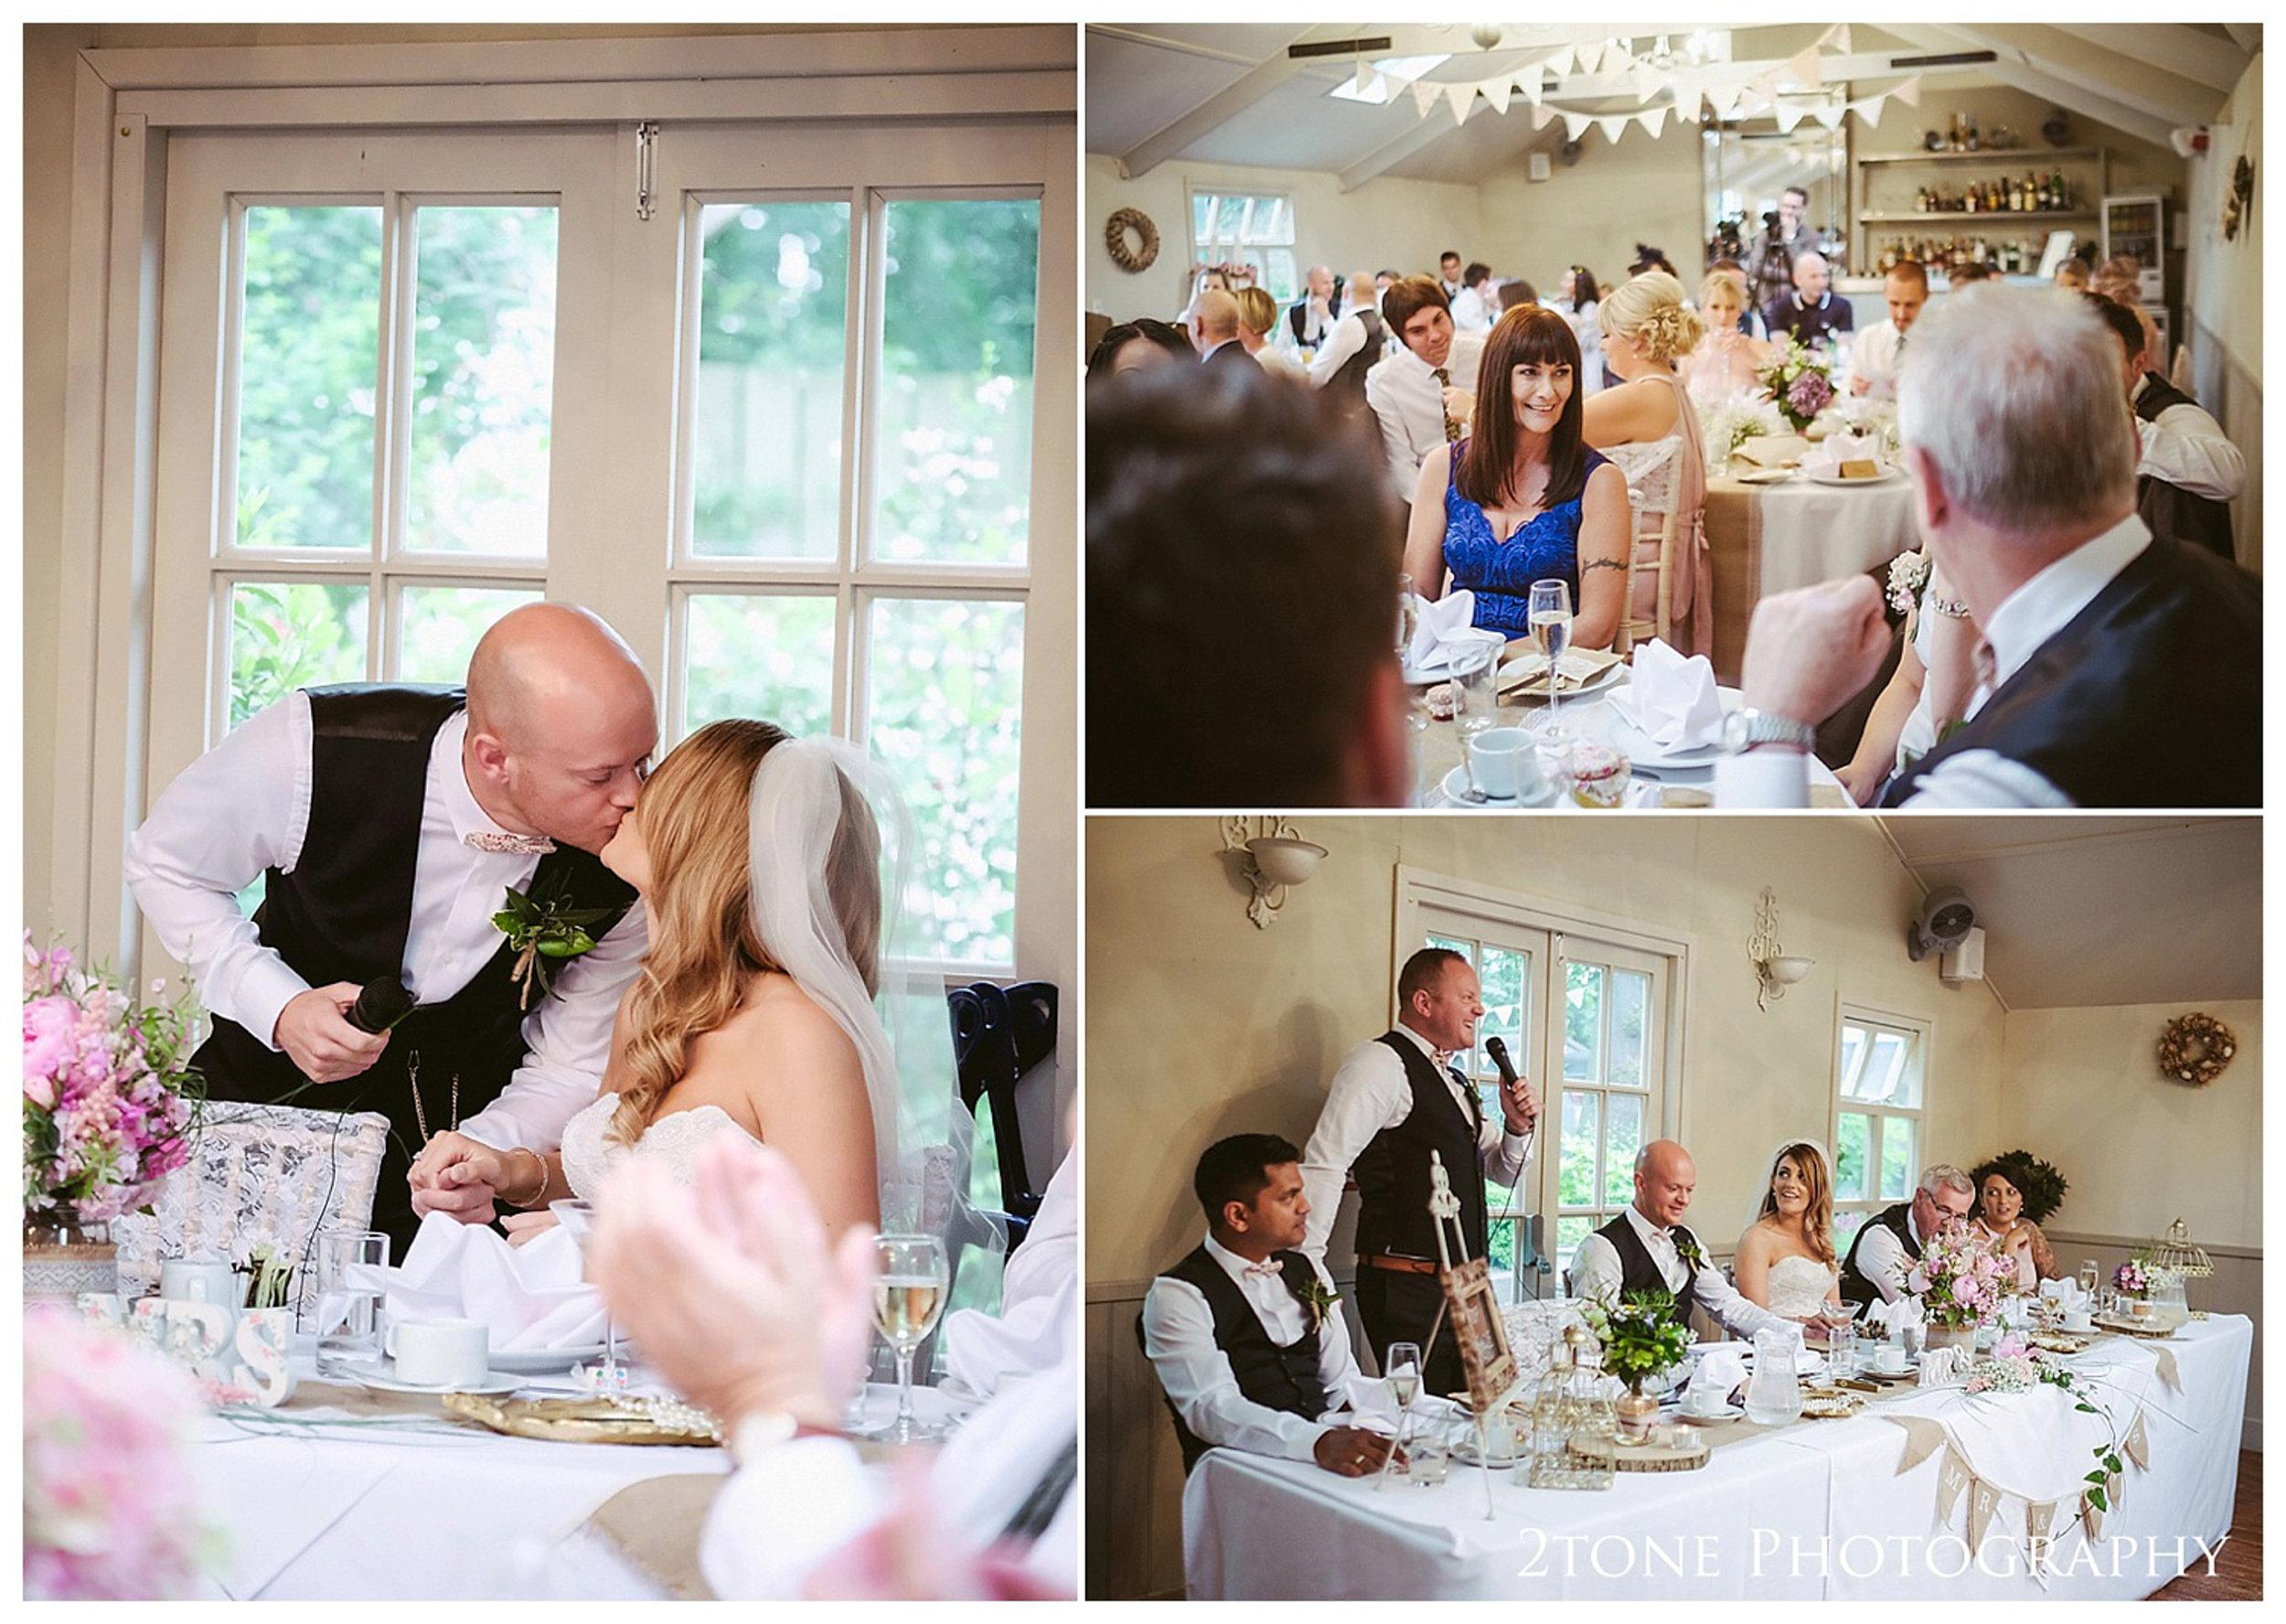 www.2tonephotography.co.uk